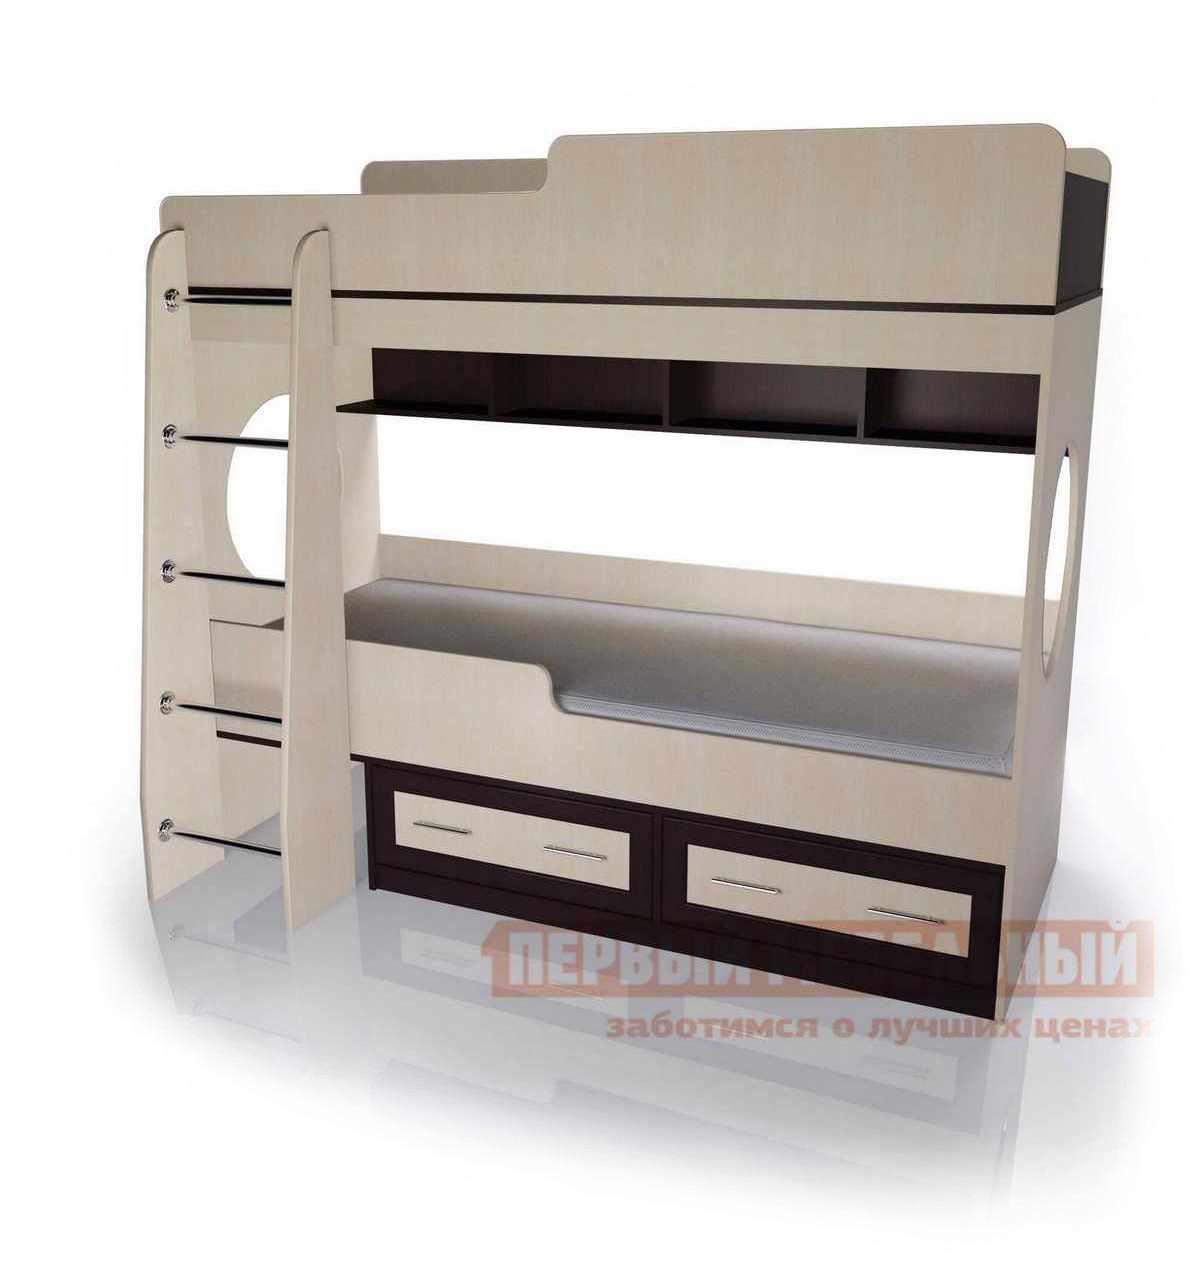 Кровать Мебелеф 2-х ярусная кровать «Мебелайн – 1» цена